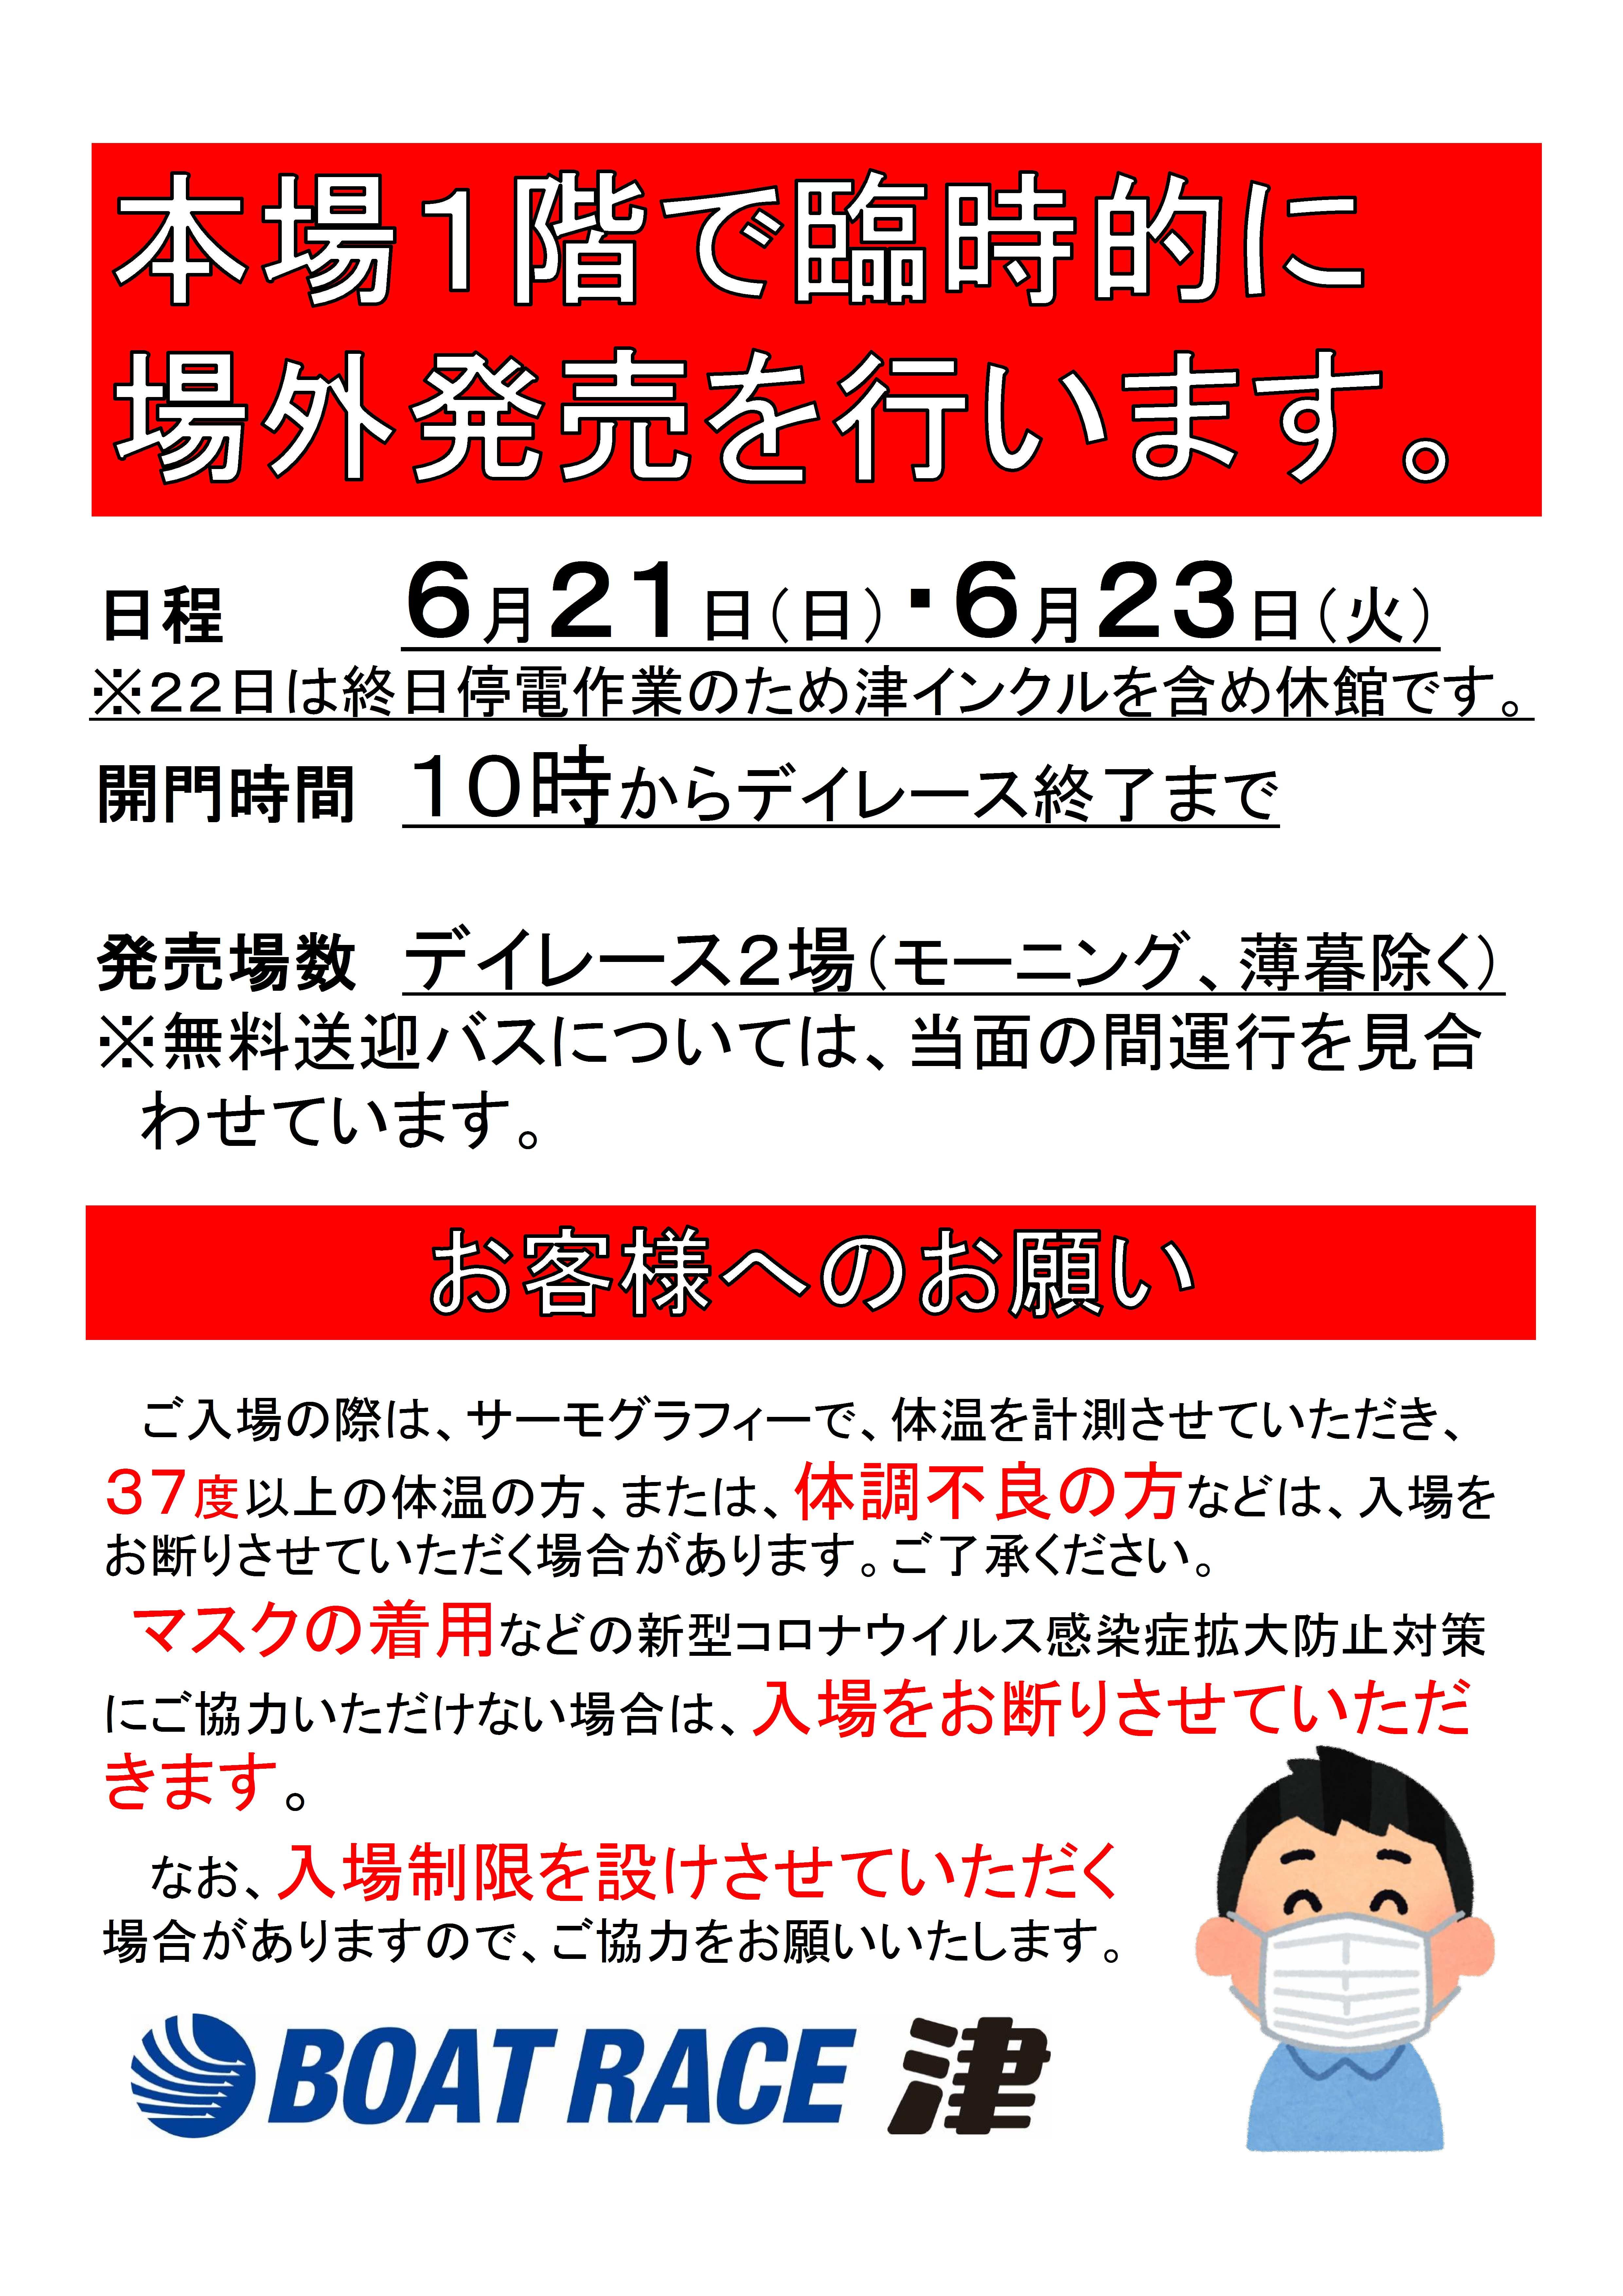 多摩川競艇実況放送